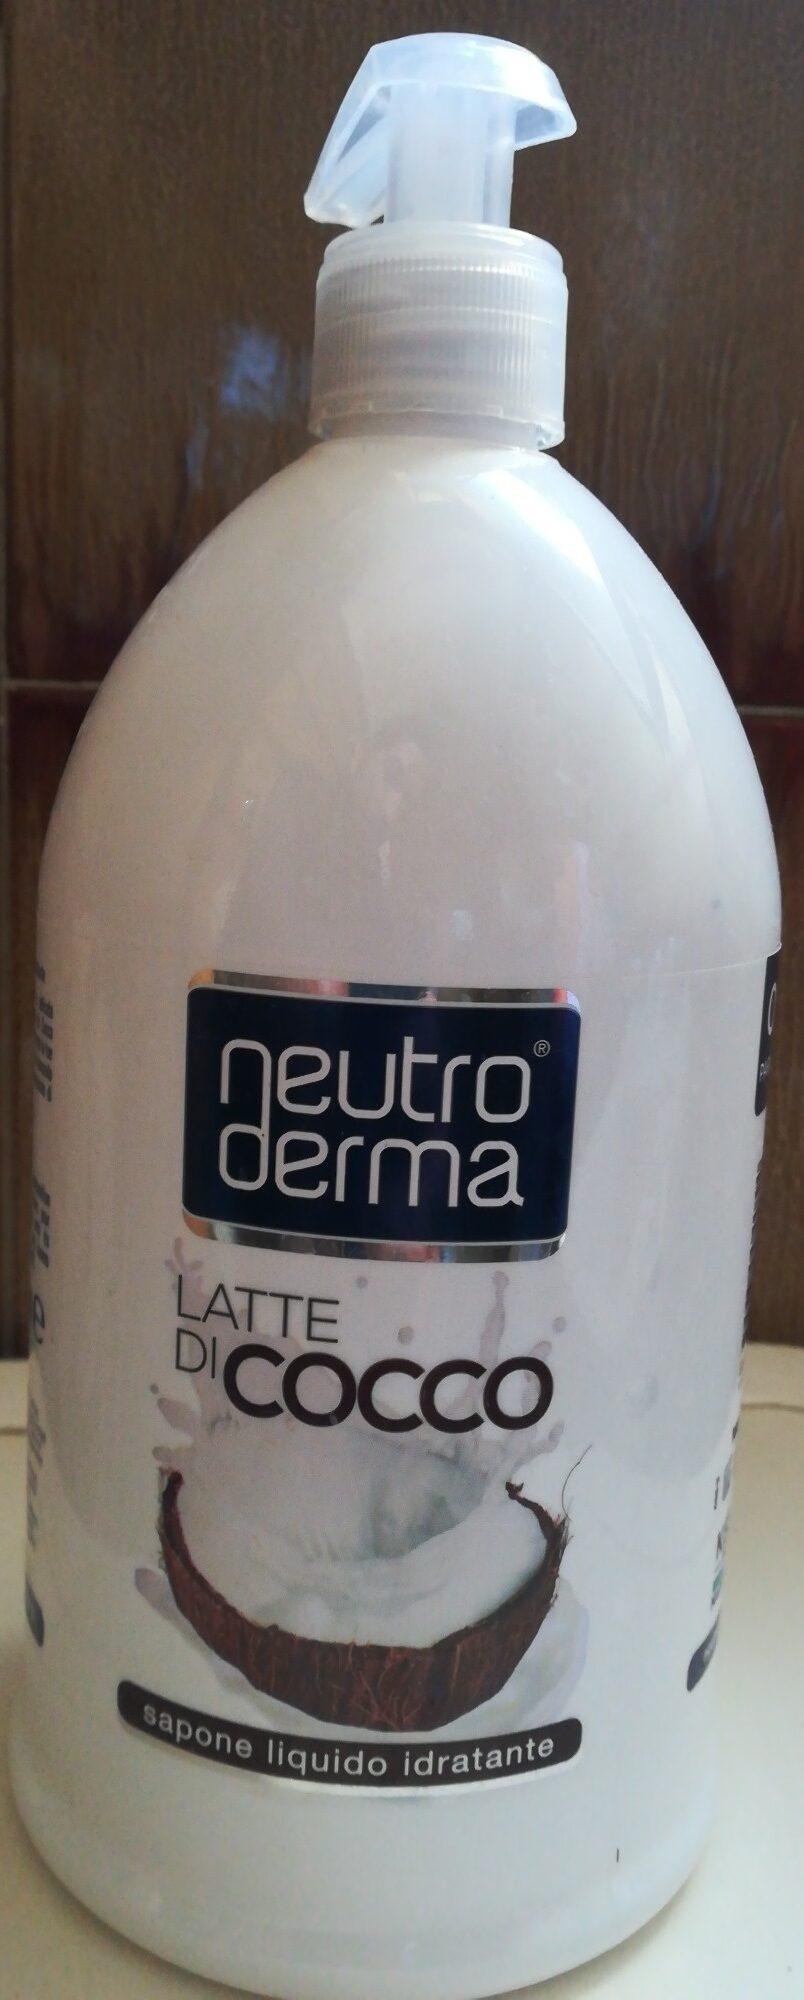 Sapone latte di cocco - Product